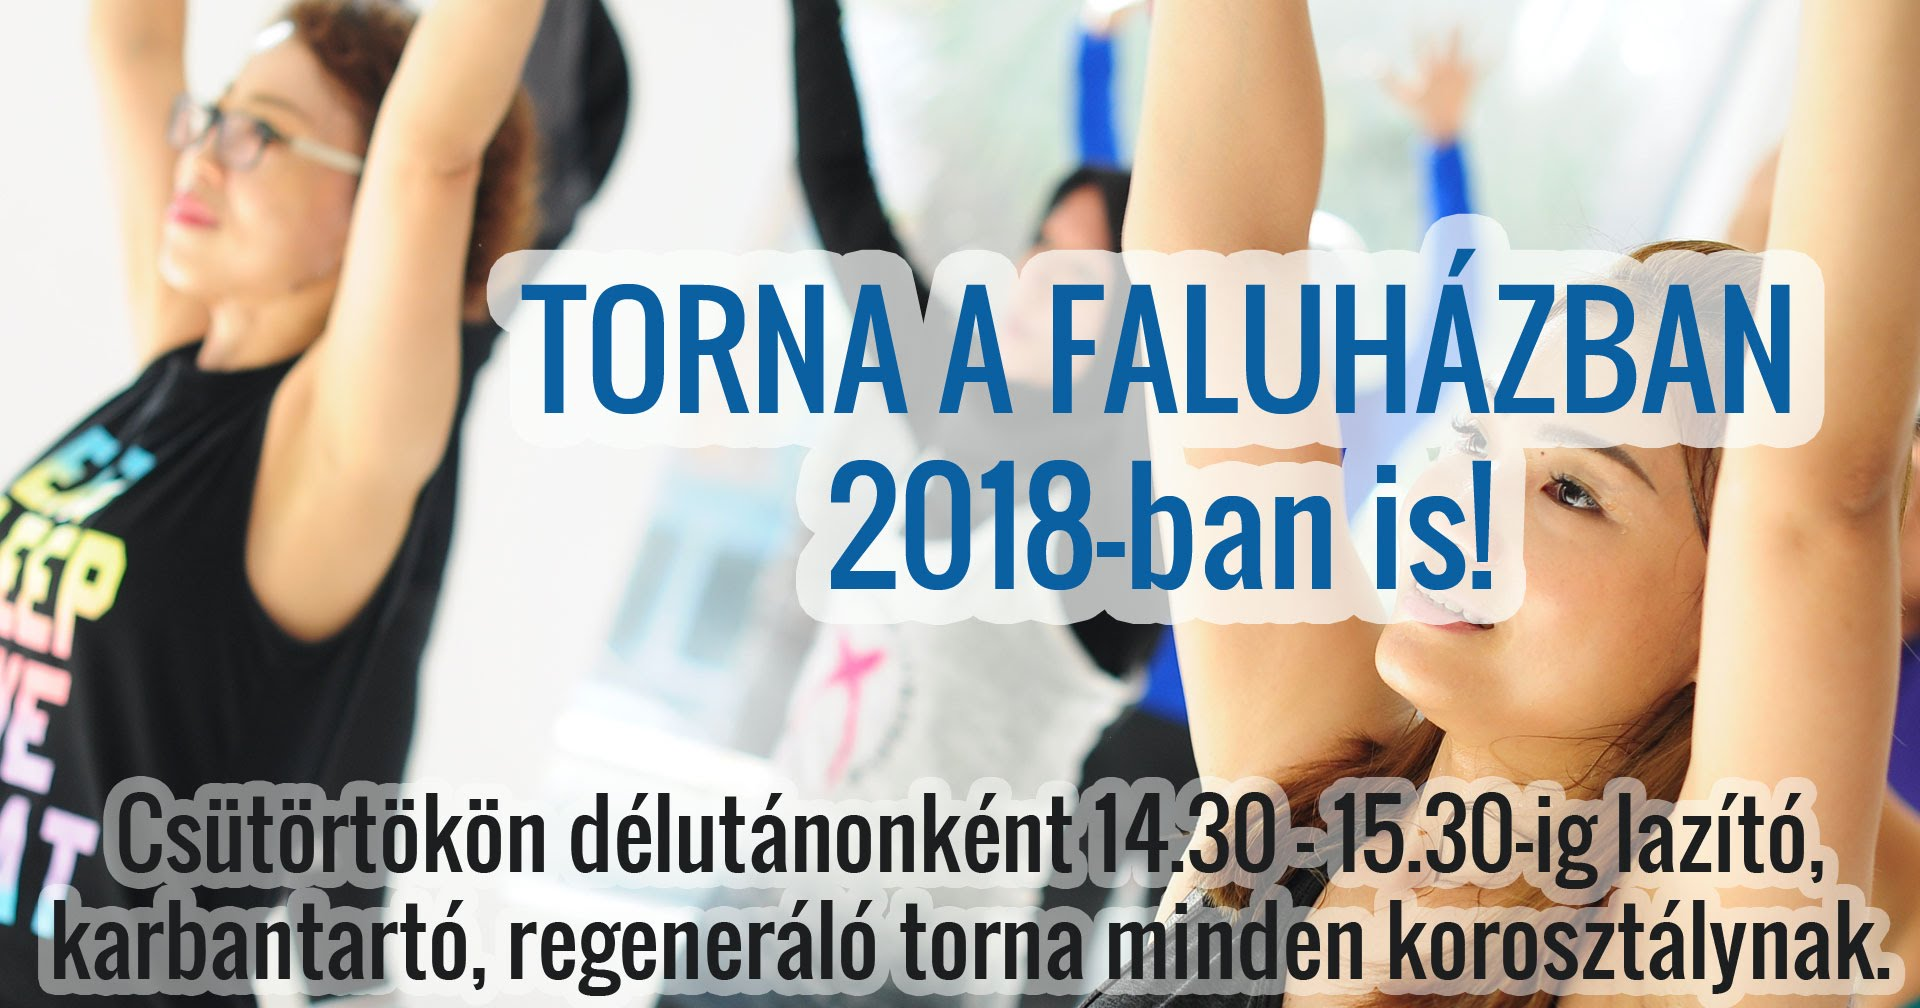 2018-ban is csütörtökön délutánonként torna a Faluházban